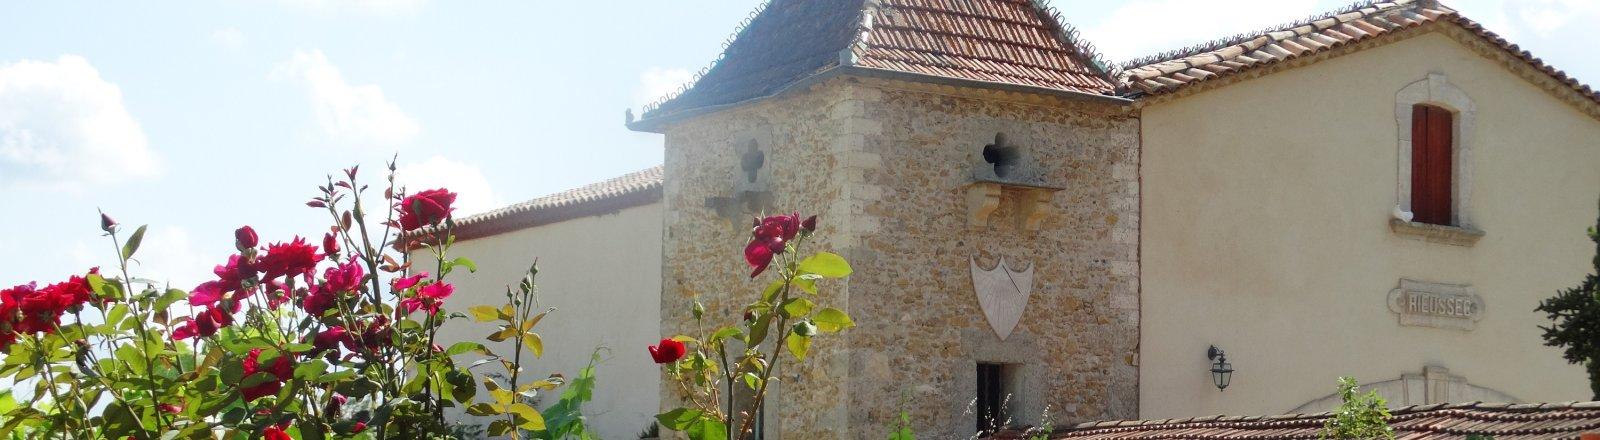 Domaine de Rieussec © Pays Coeur d'Hérault